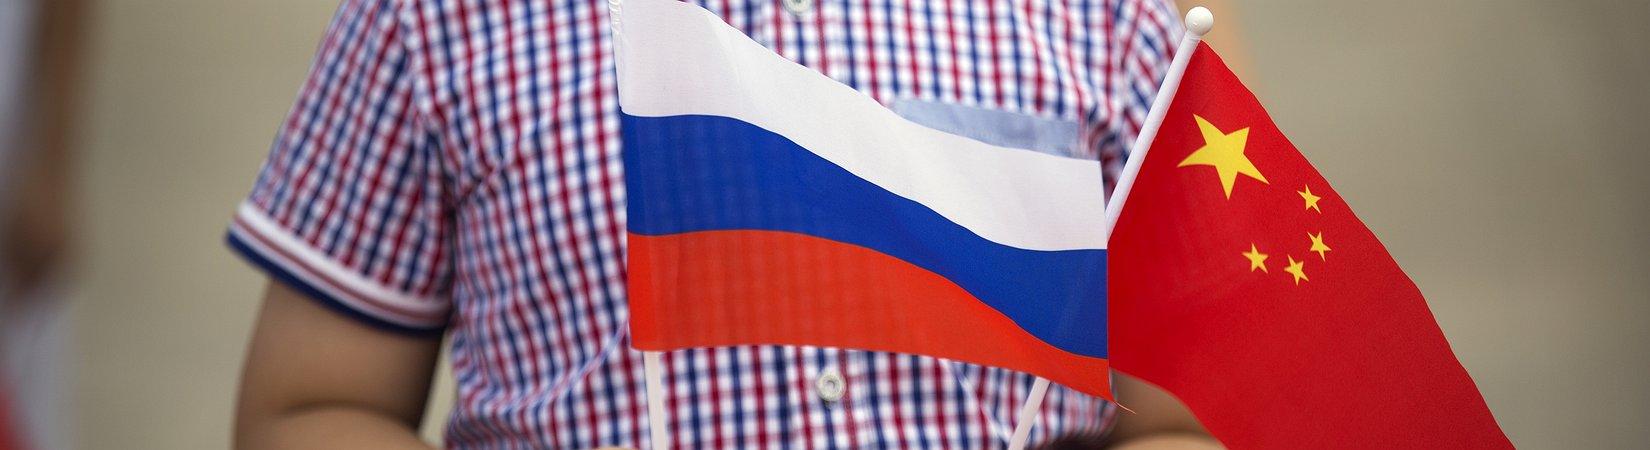 Объем покупок российских активов иностранными компаниями достиг максимума за пять лет